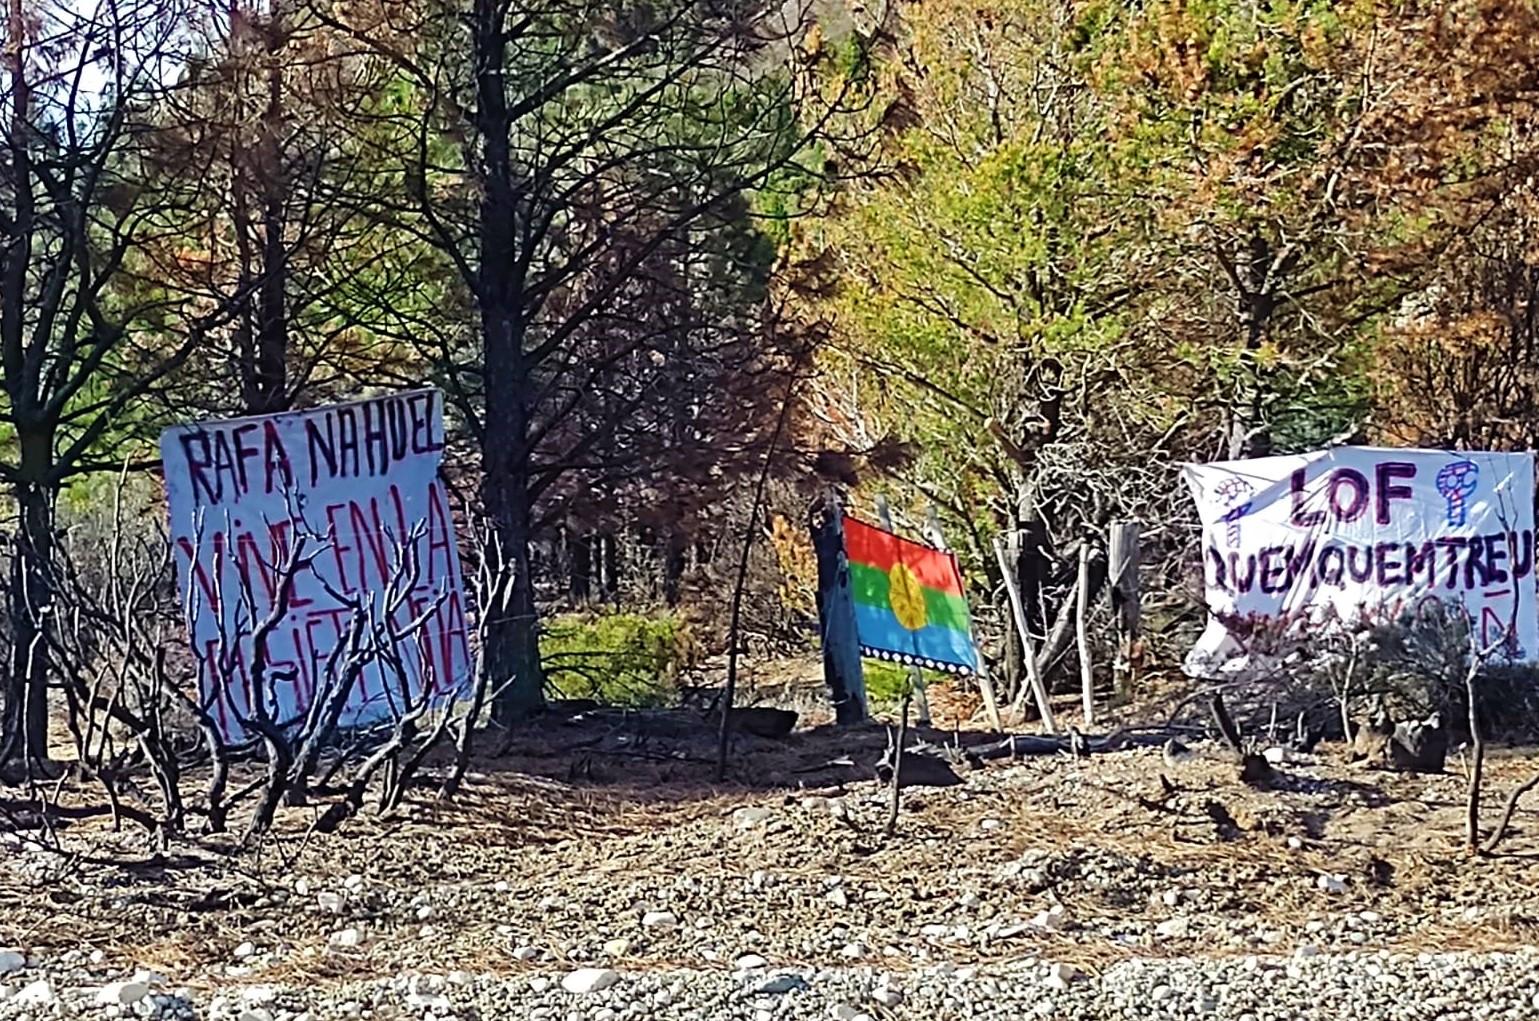 El Bolsón: Comunidad mapuche Lof Quemquemtreu ocupó tierras en cuesta del ternero